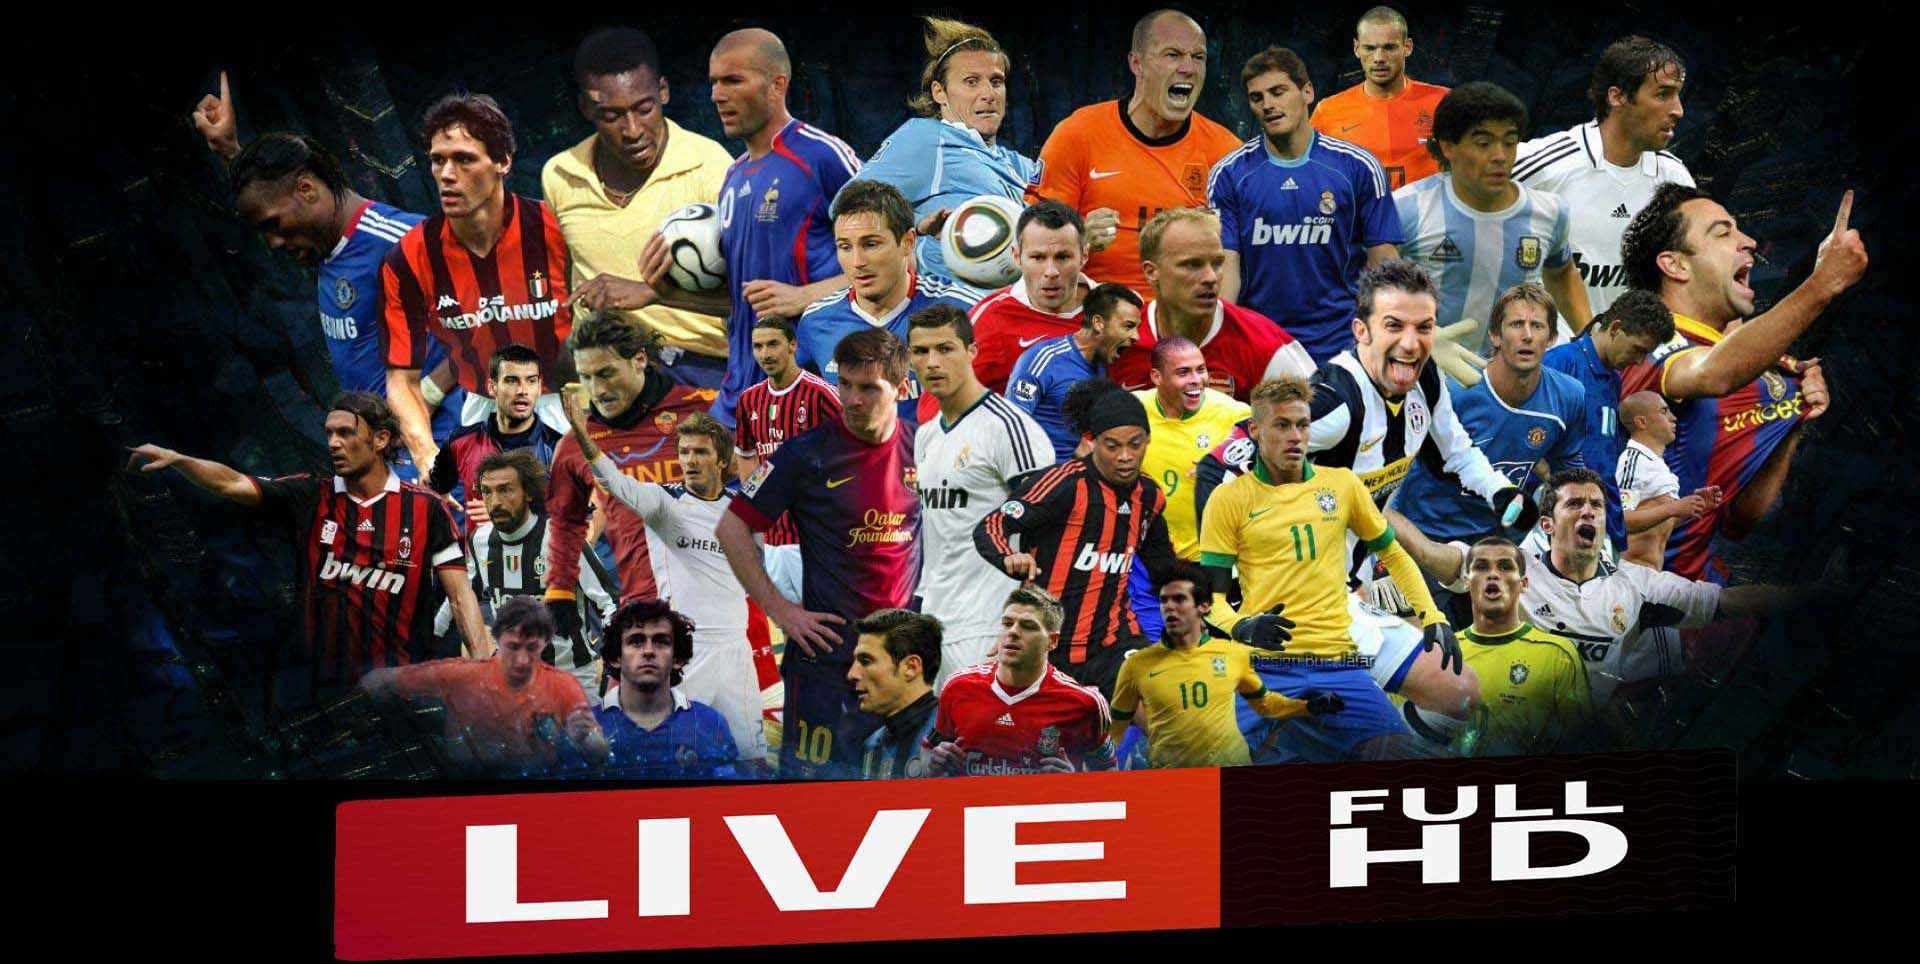 CSKA Moskva vs Tottenham UEFA Live